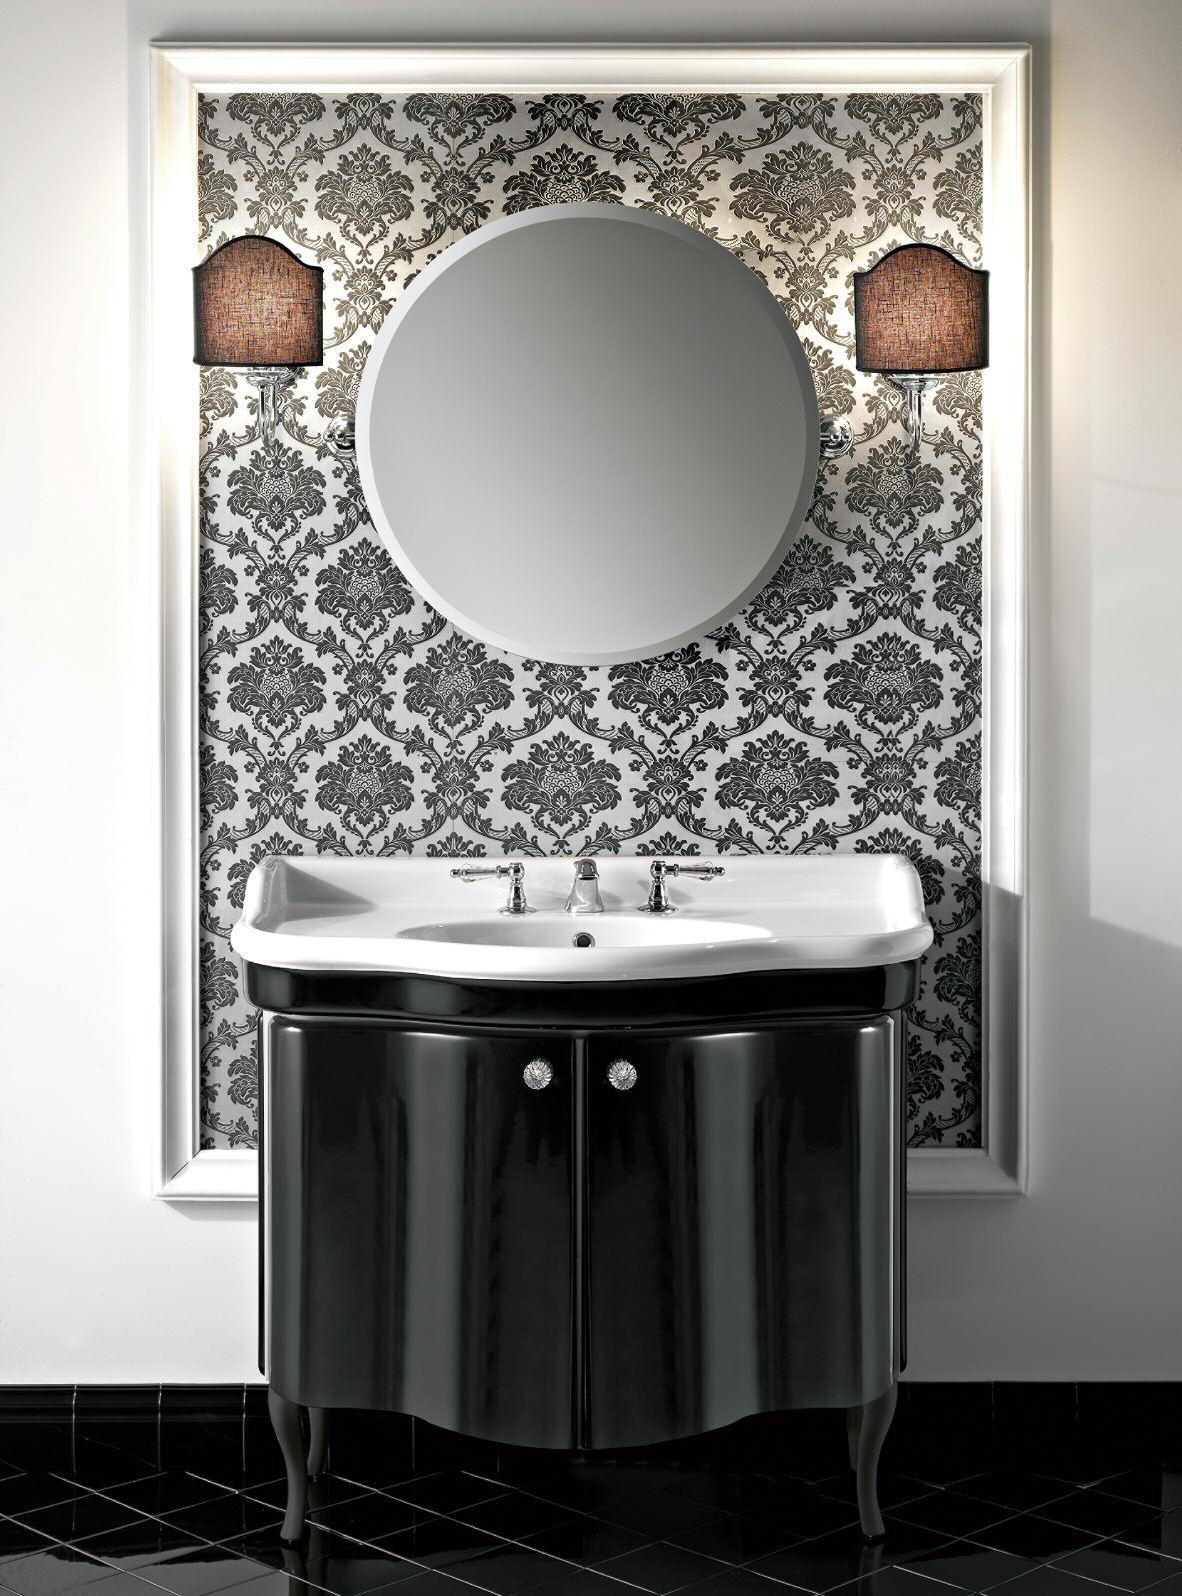 Badkeramik De.Sbordoni Vanity Units Badmobel Mit Keramik Waschtisch Nostalgie